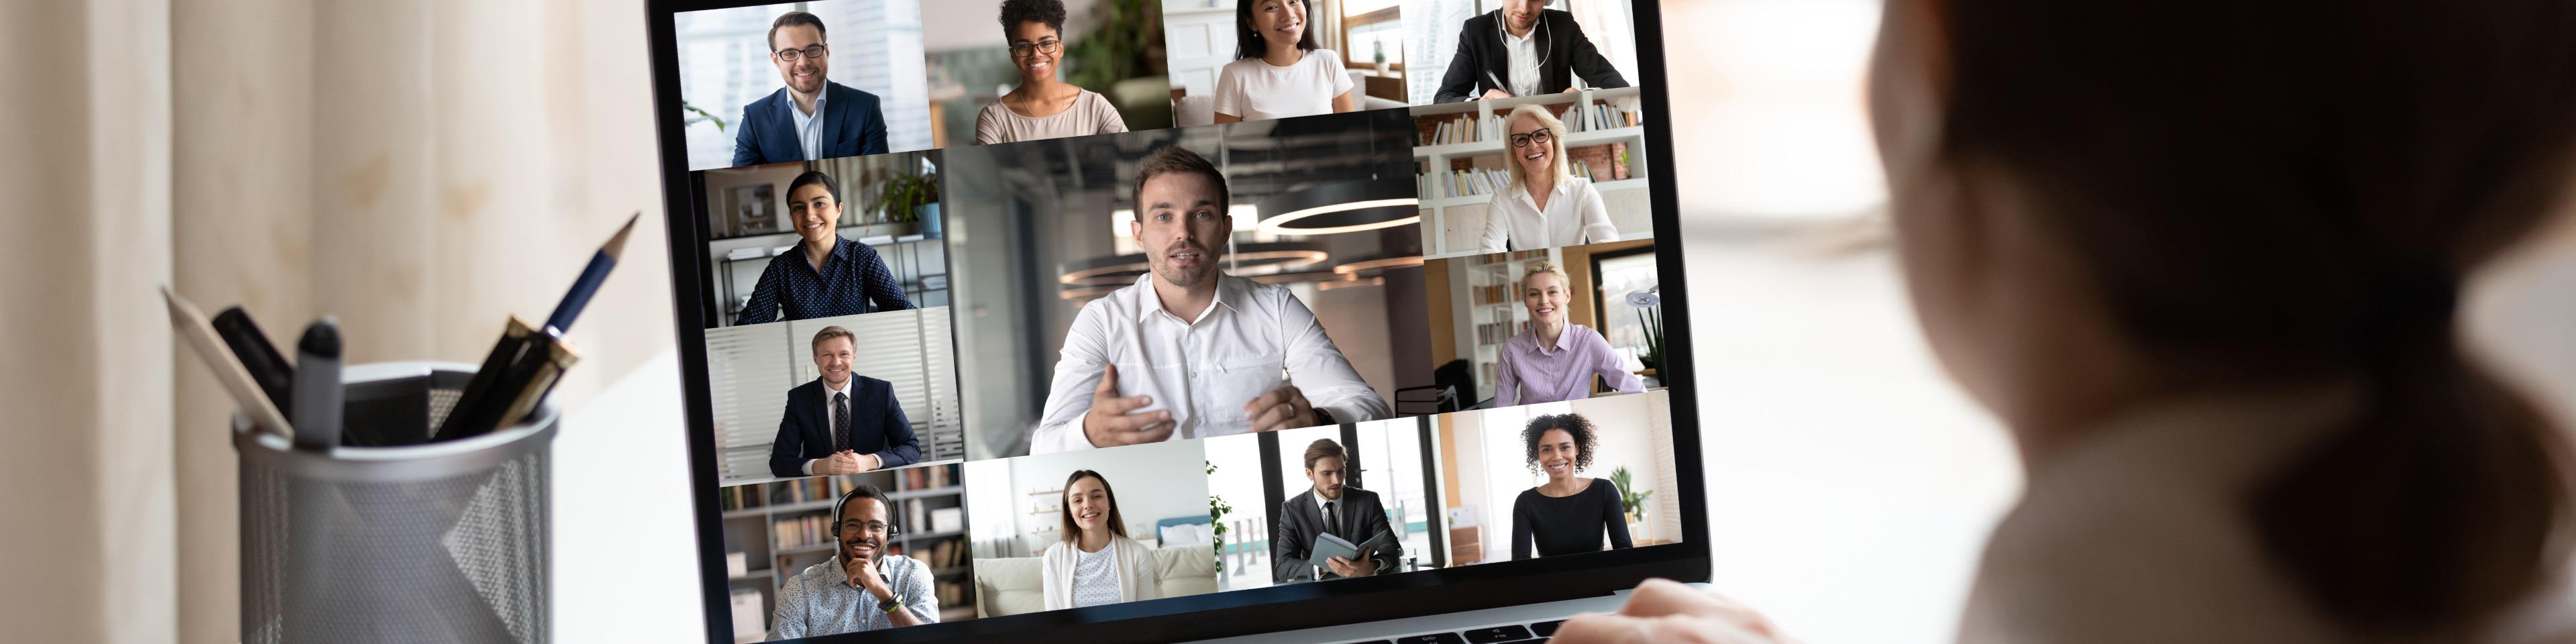 digitale algemene vergadering